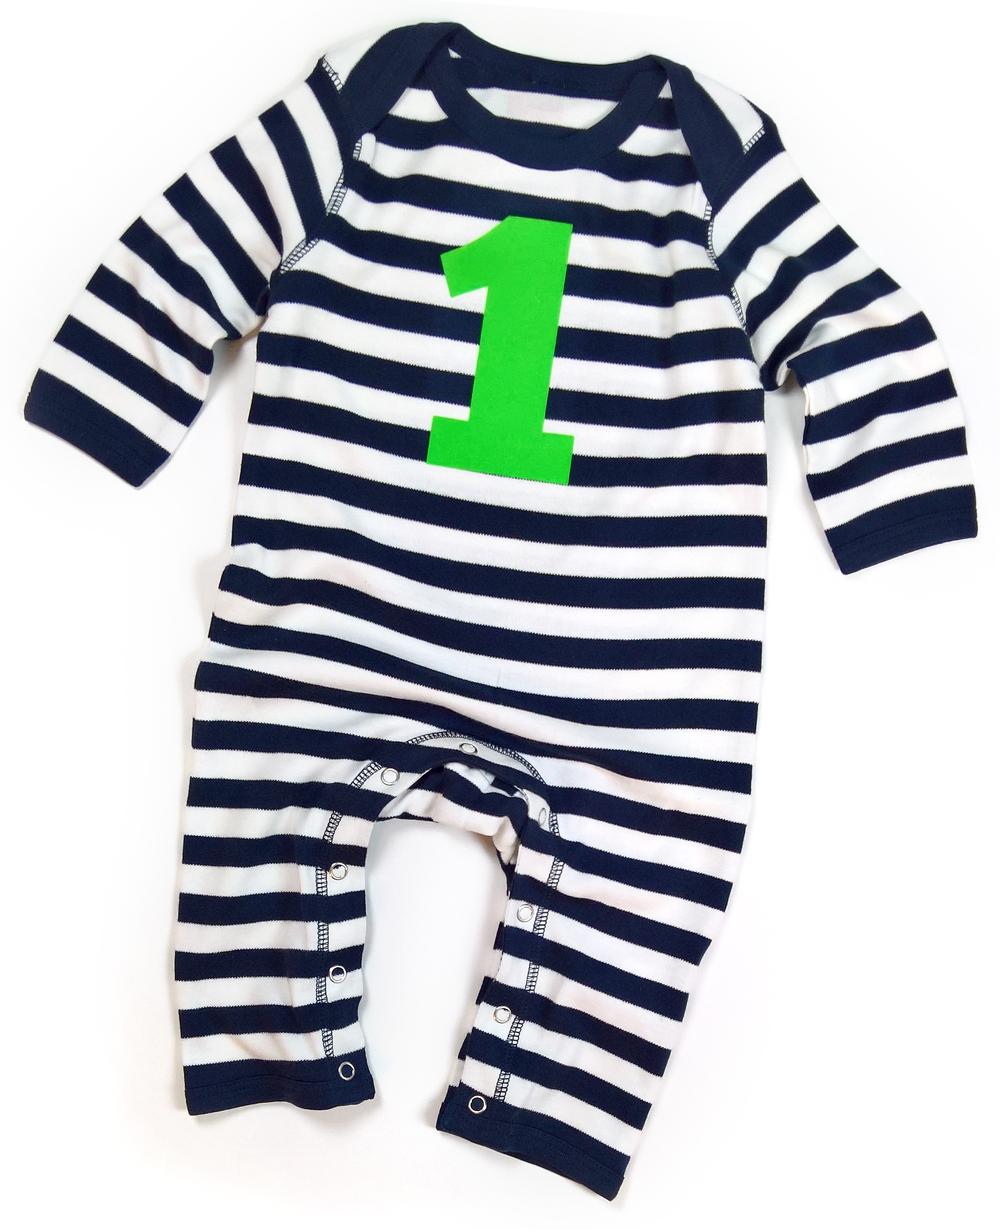 Geschenk Baby 1 Jahr Richtig Suss